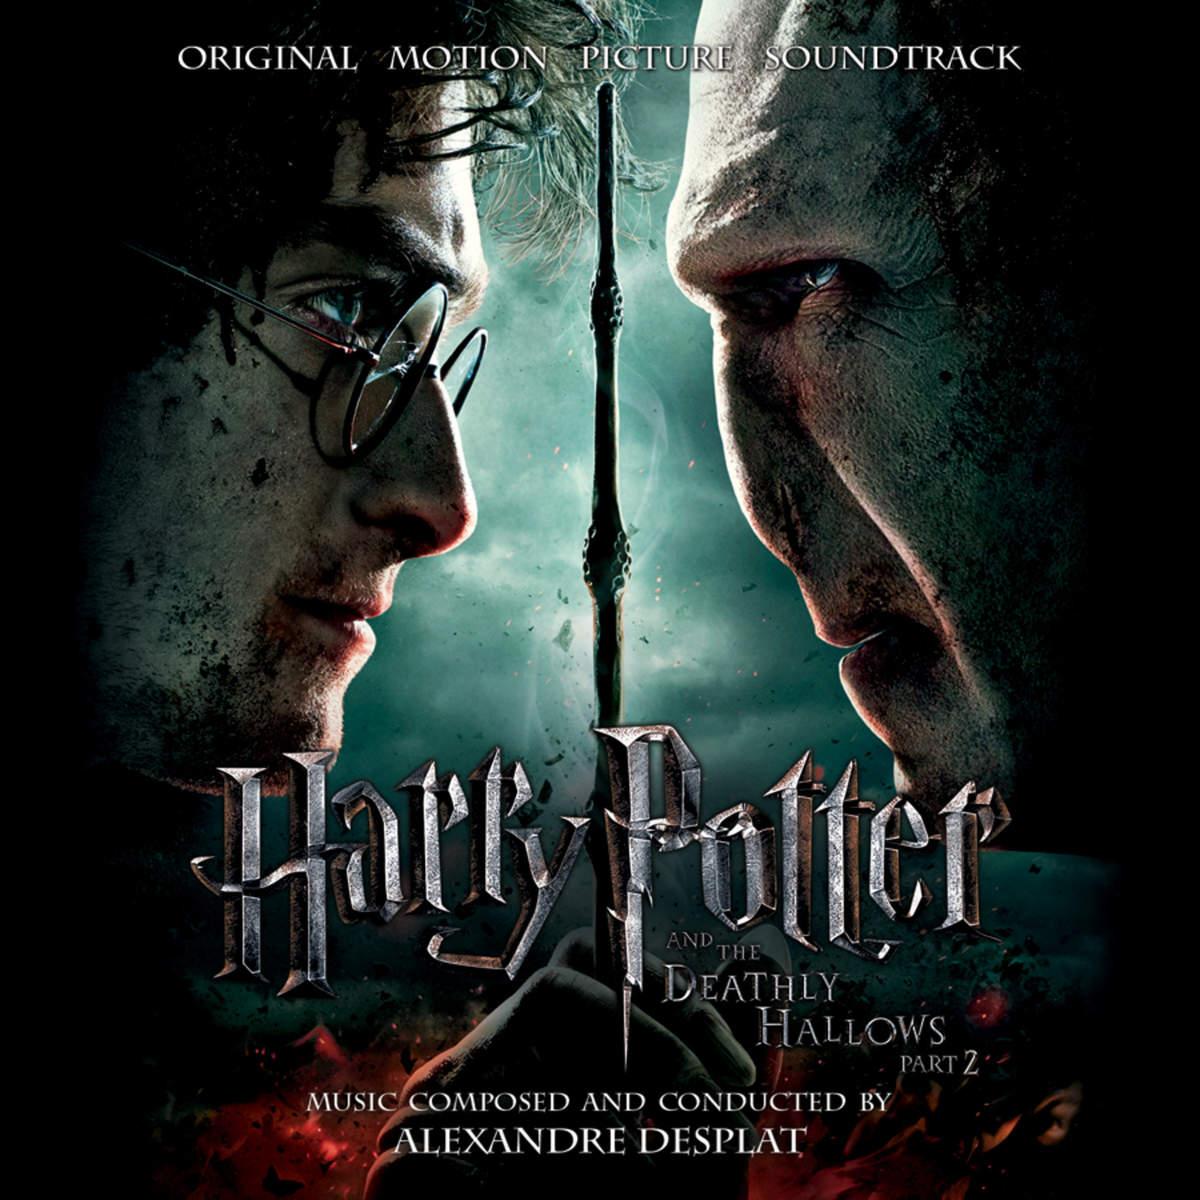 Гарри Поттер Саундтреки скачать